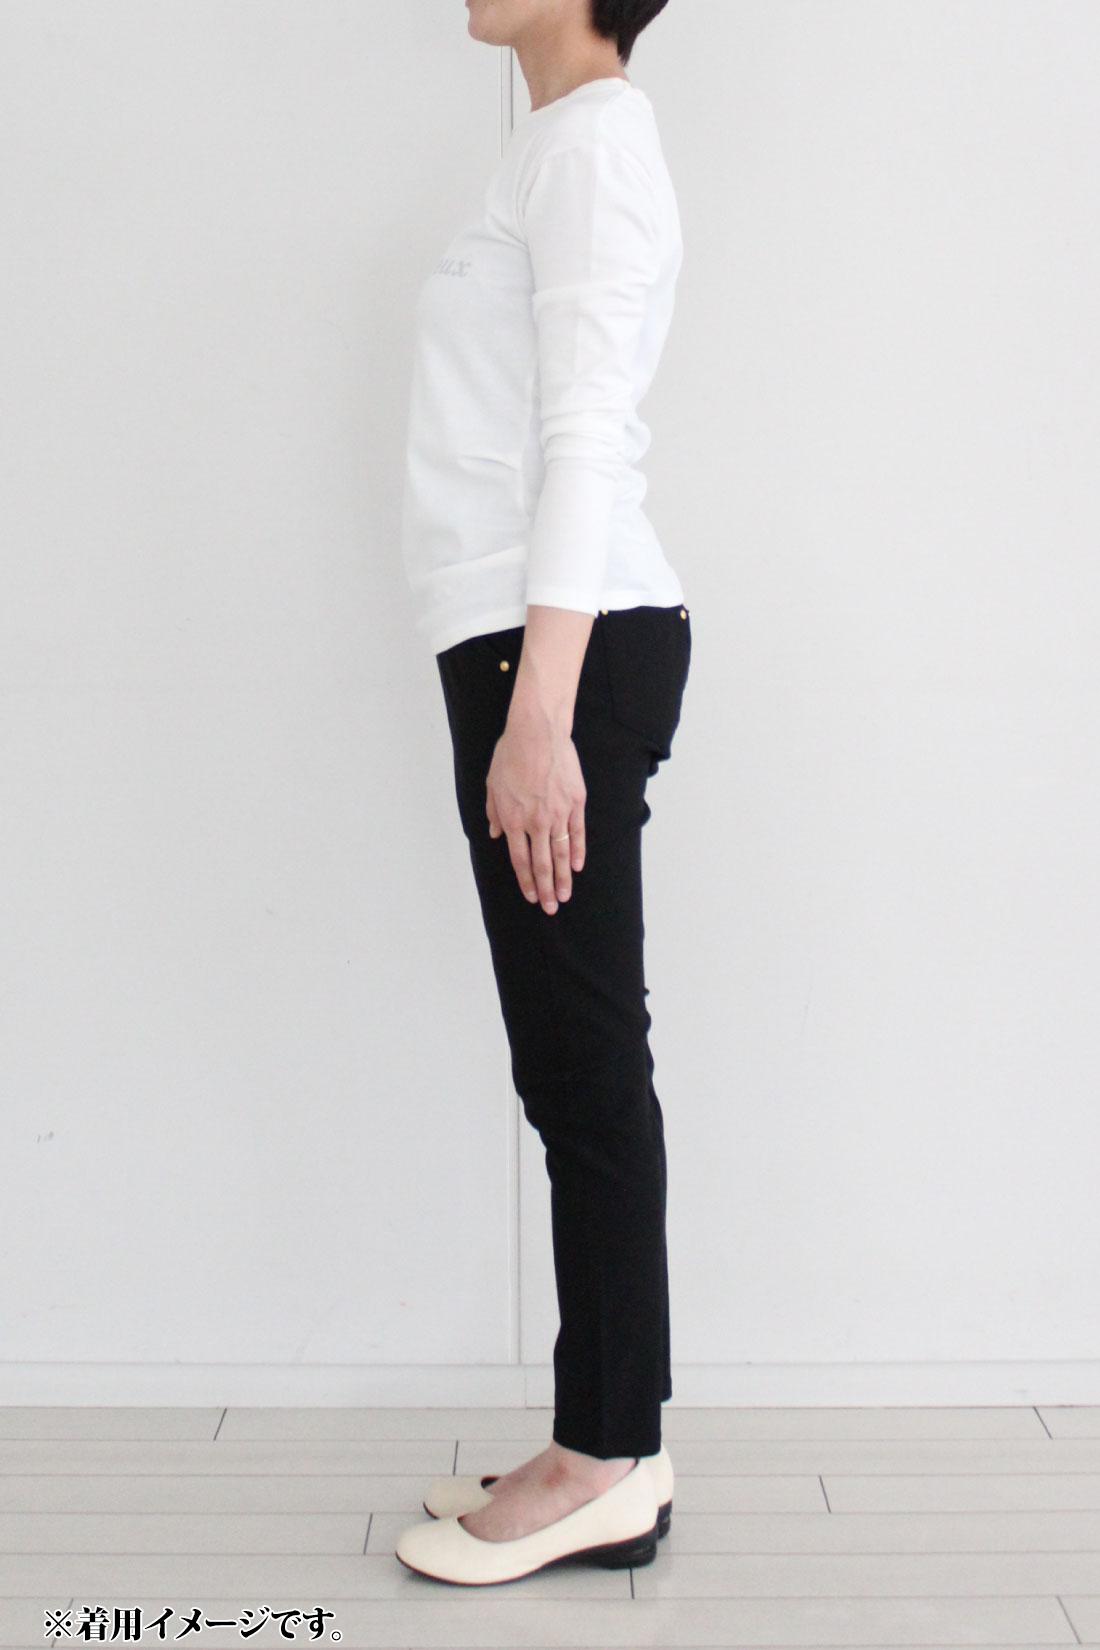 ※着用イメージです。お届けするカラーとは異なります。 モデル身長:160cm Mサイズ着用